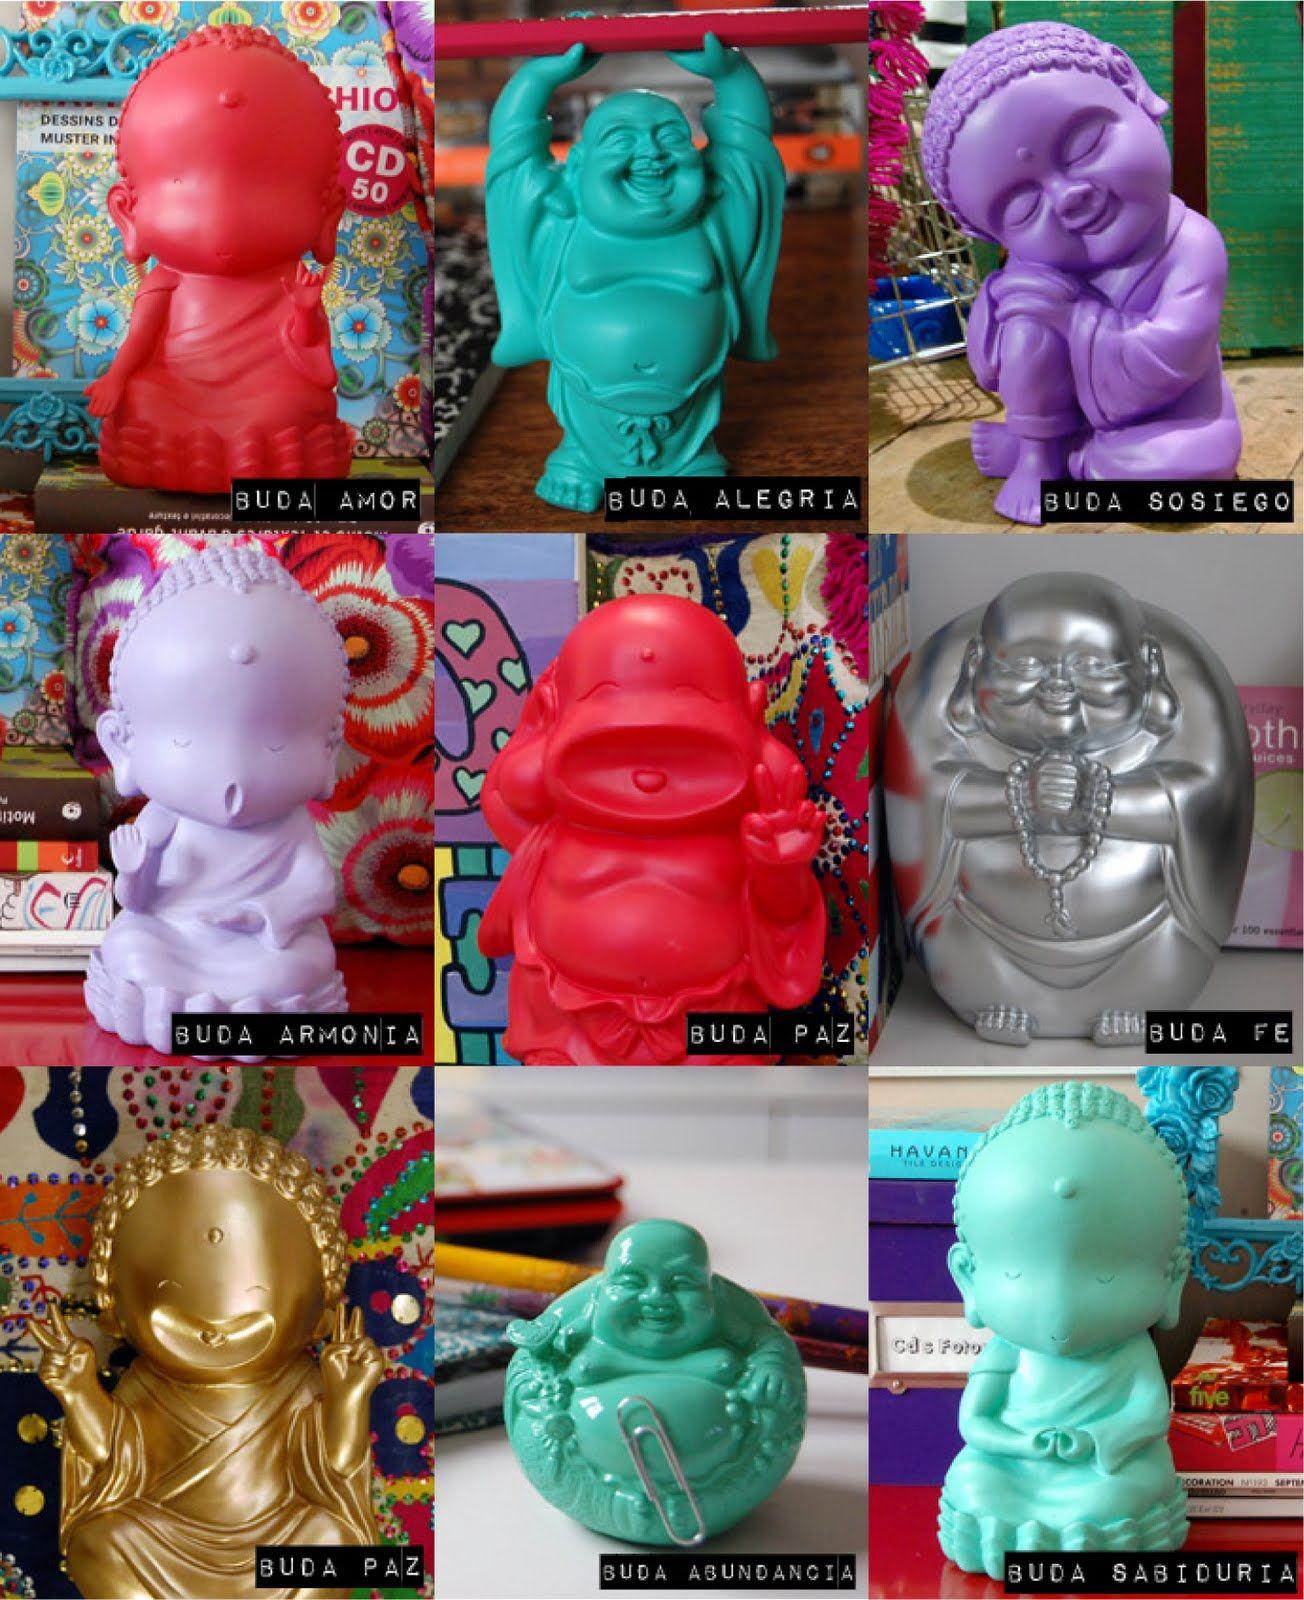 Pin de luz s enz en budas pinterest buda figuras de yeso y yeso - Figuras buda decoracion ...